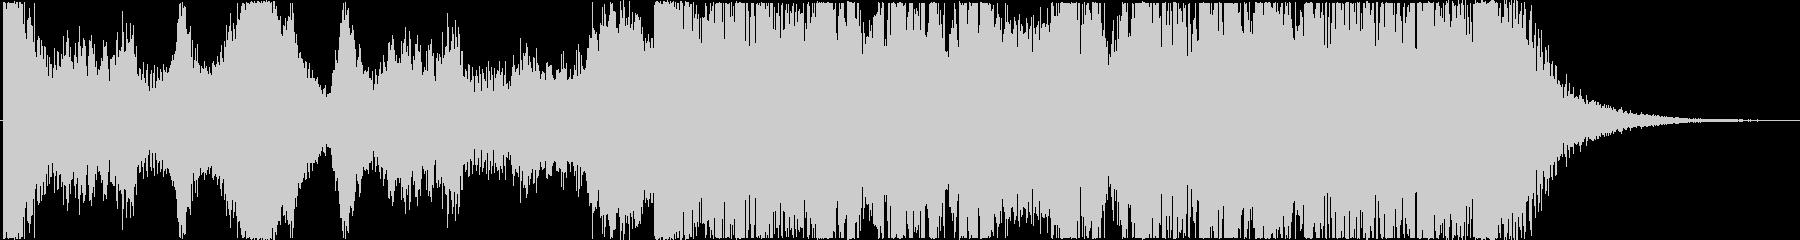 不安・緊張感~打楽器◆予告編/トレーラーの未再生の波形